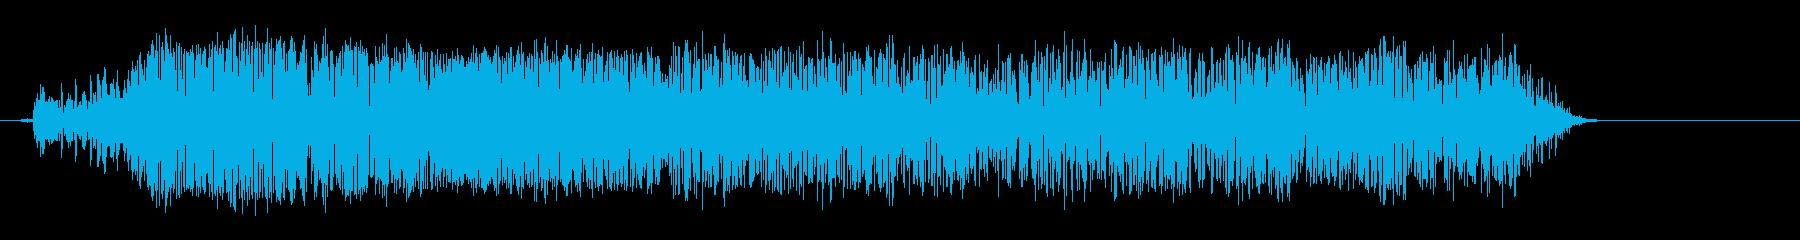 メーッ(羊の鳴き声)の再生済みの波形